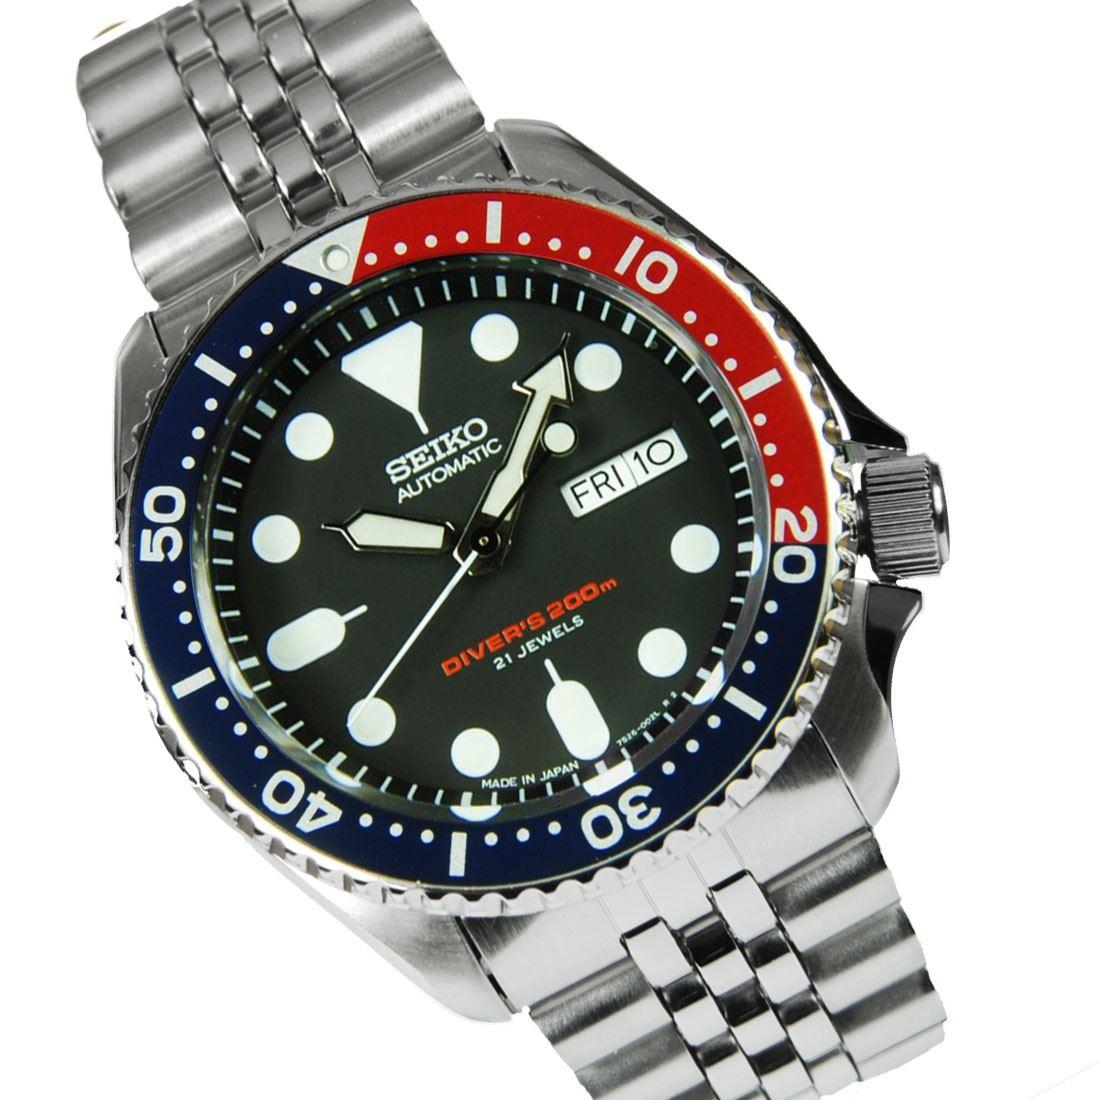 TOP-SELLING-Seiko-SKX009-SKX009J1-SKX009J2-SKX009K1-SKX009K2-Pepsi-Dive-Watch thumbnail 15